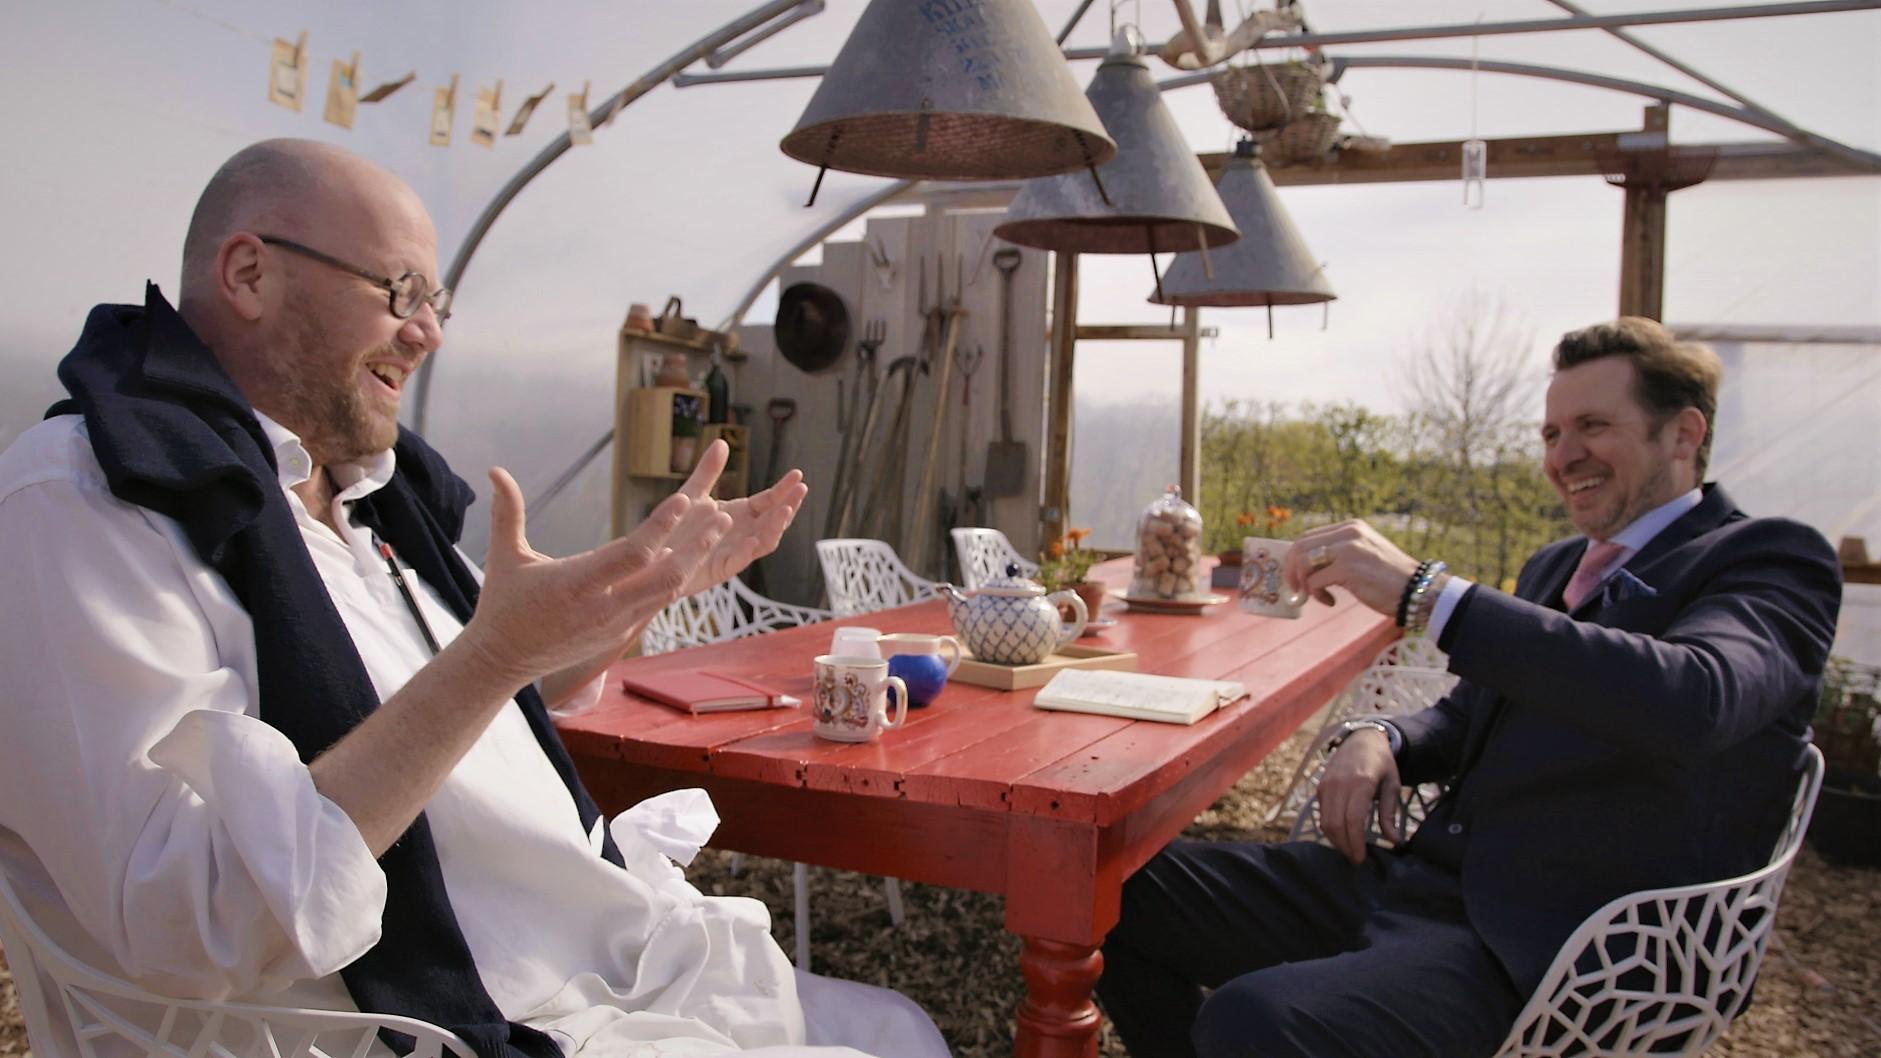 Garrey and Paul Laughing.jpg